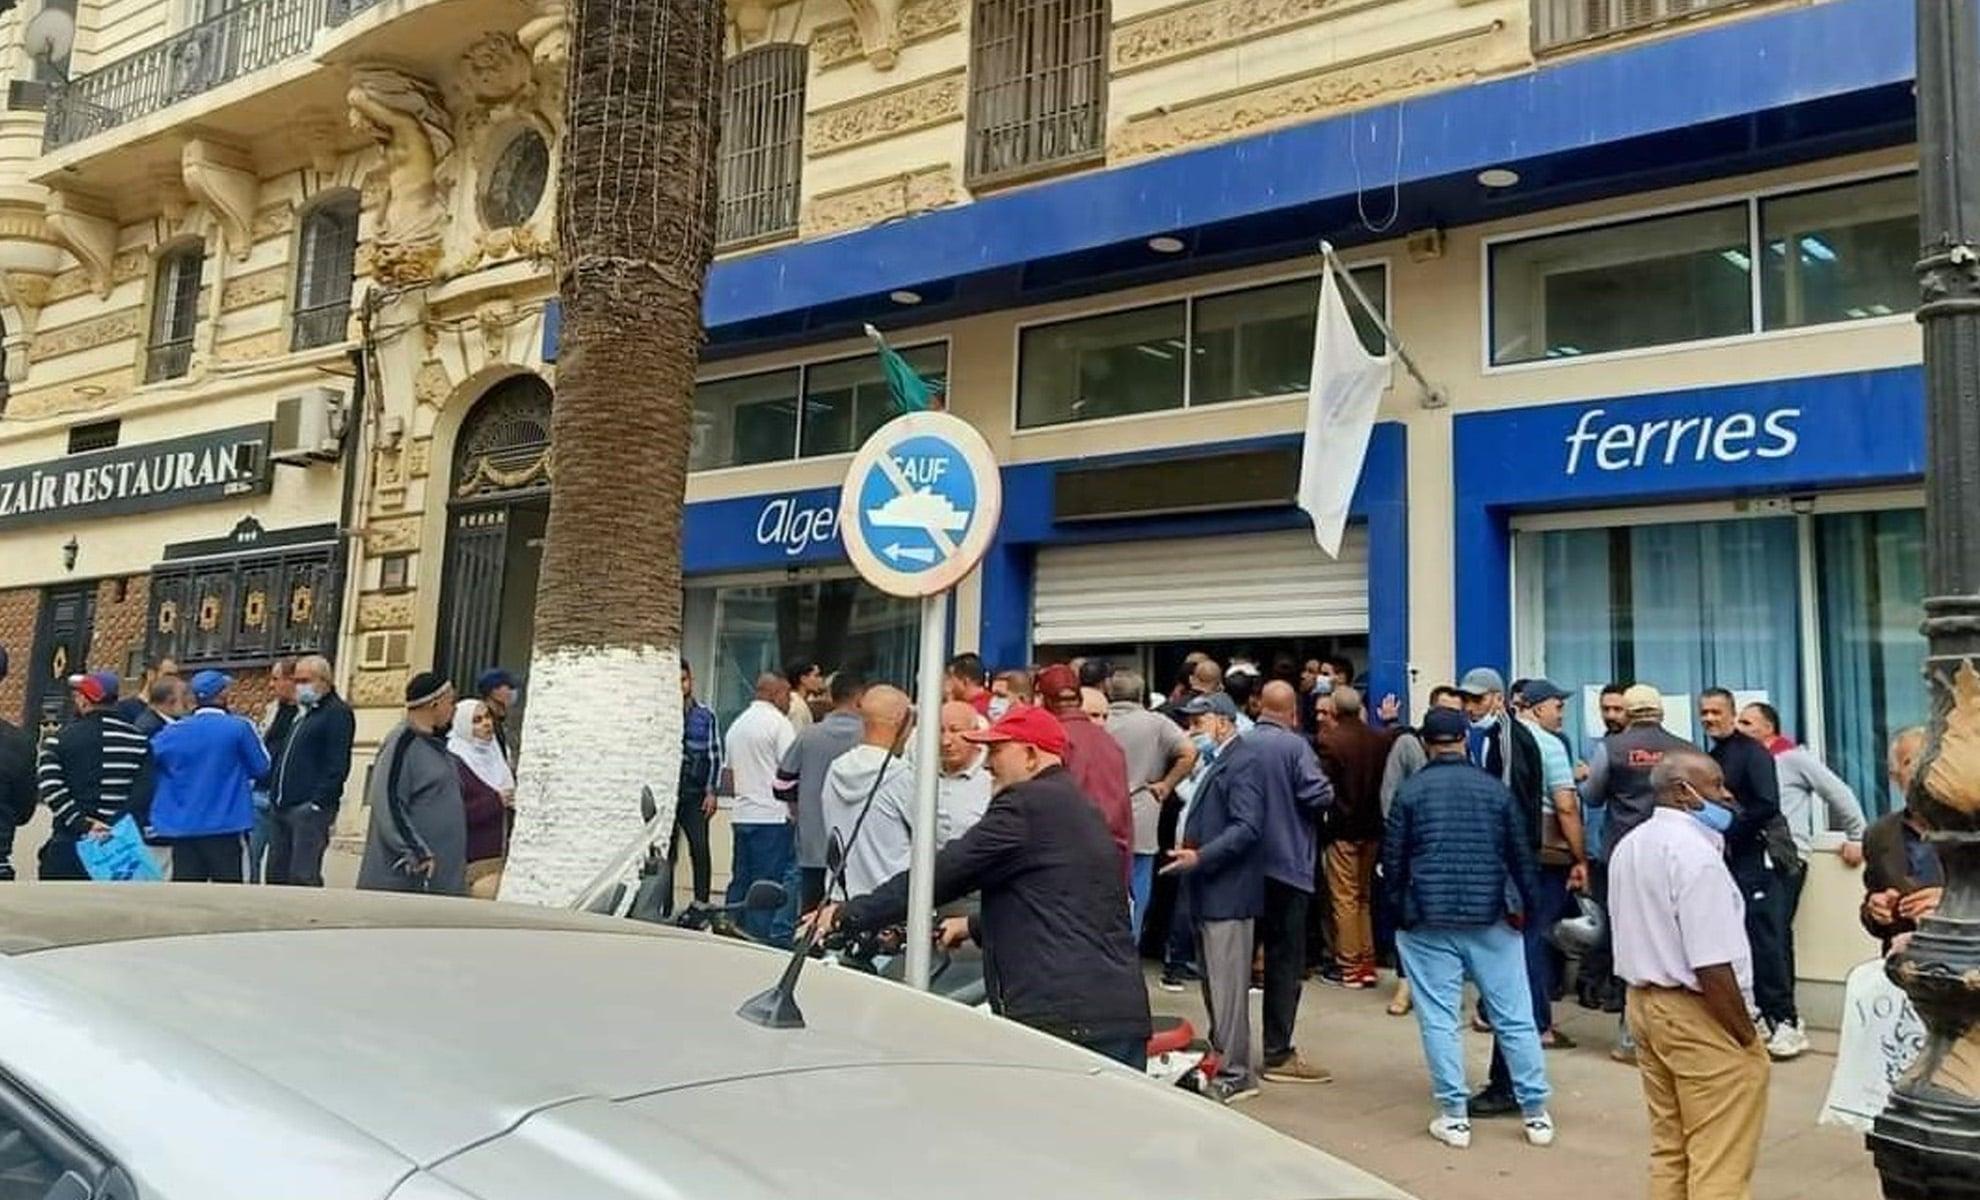 Bousculade devant Algérie Ferries à Lyon : La police était prête à évacuer les lieux